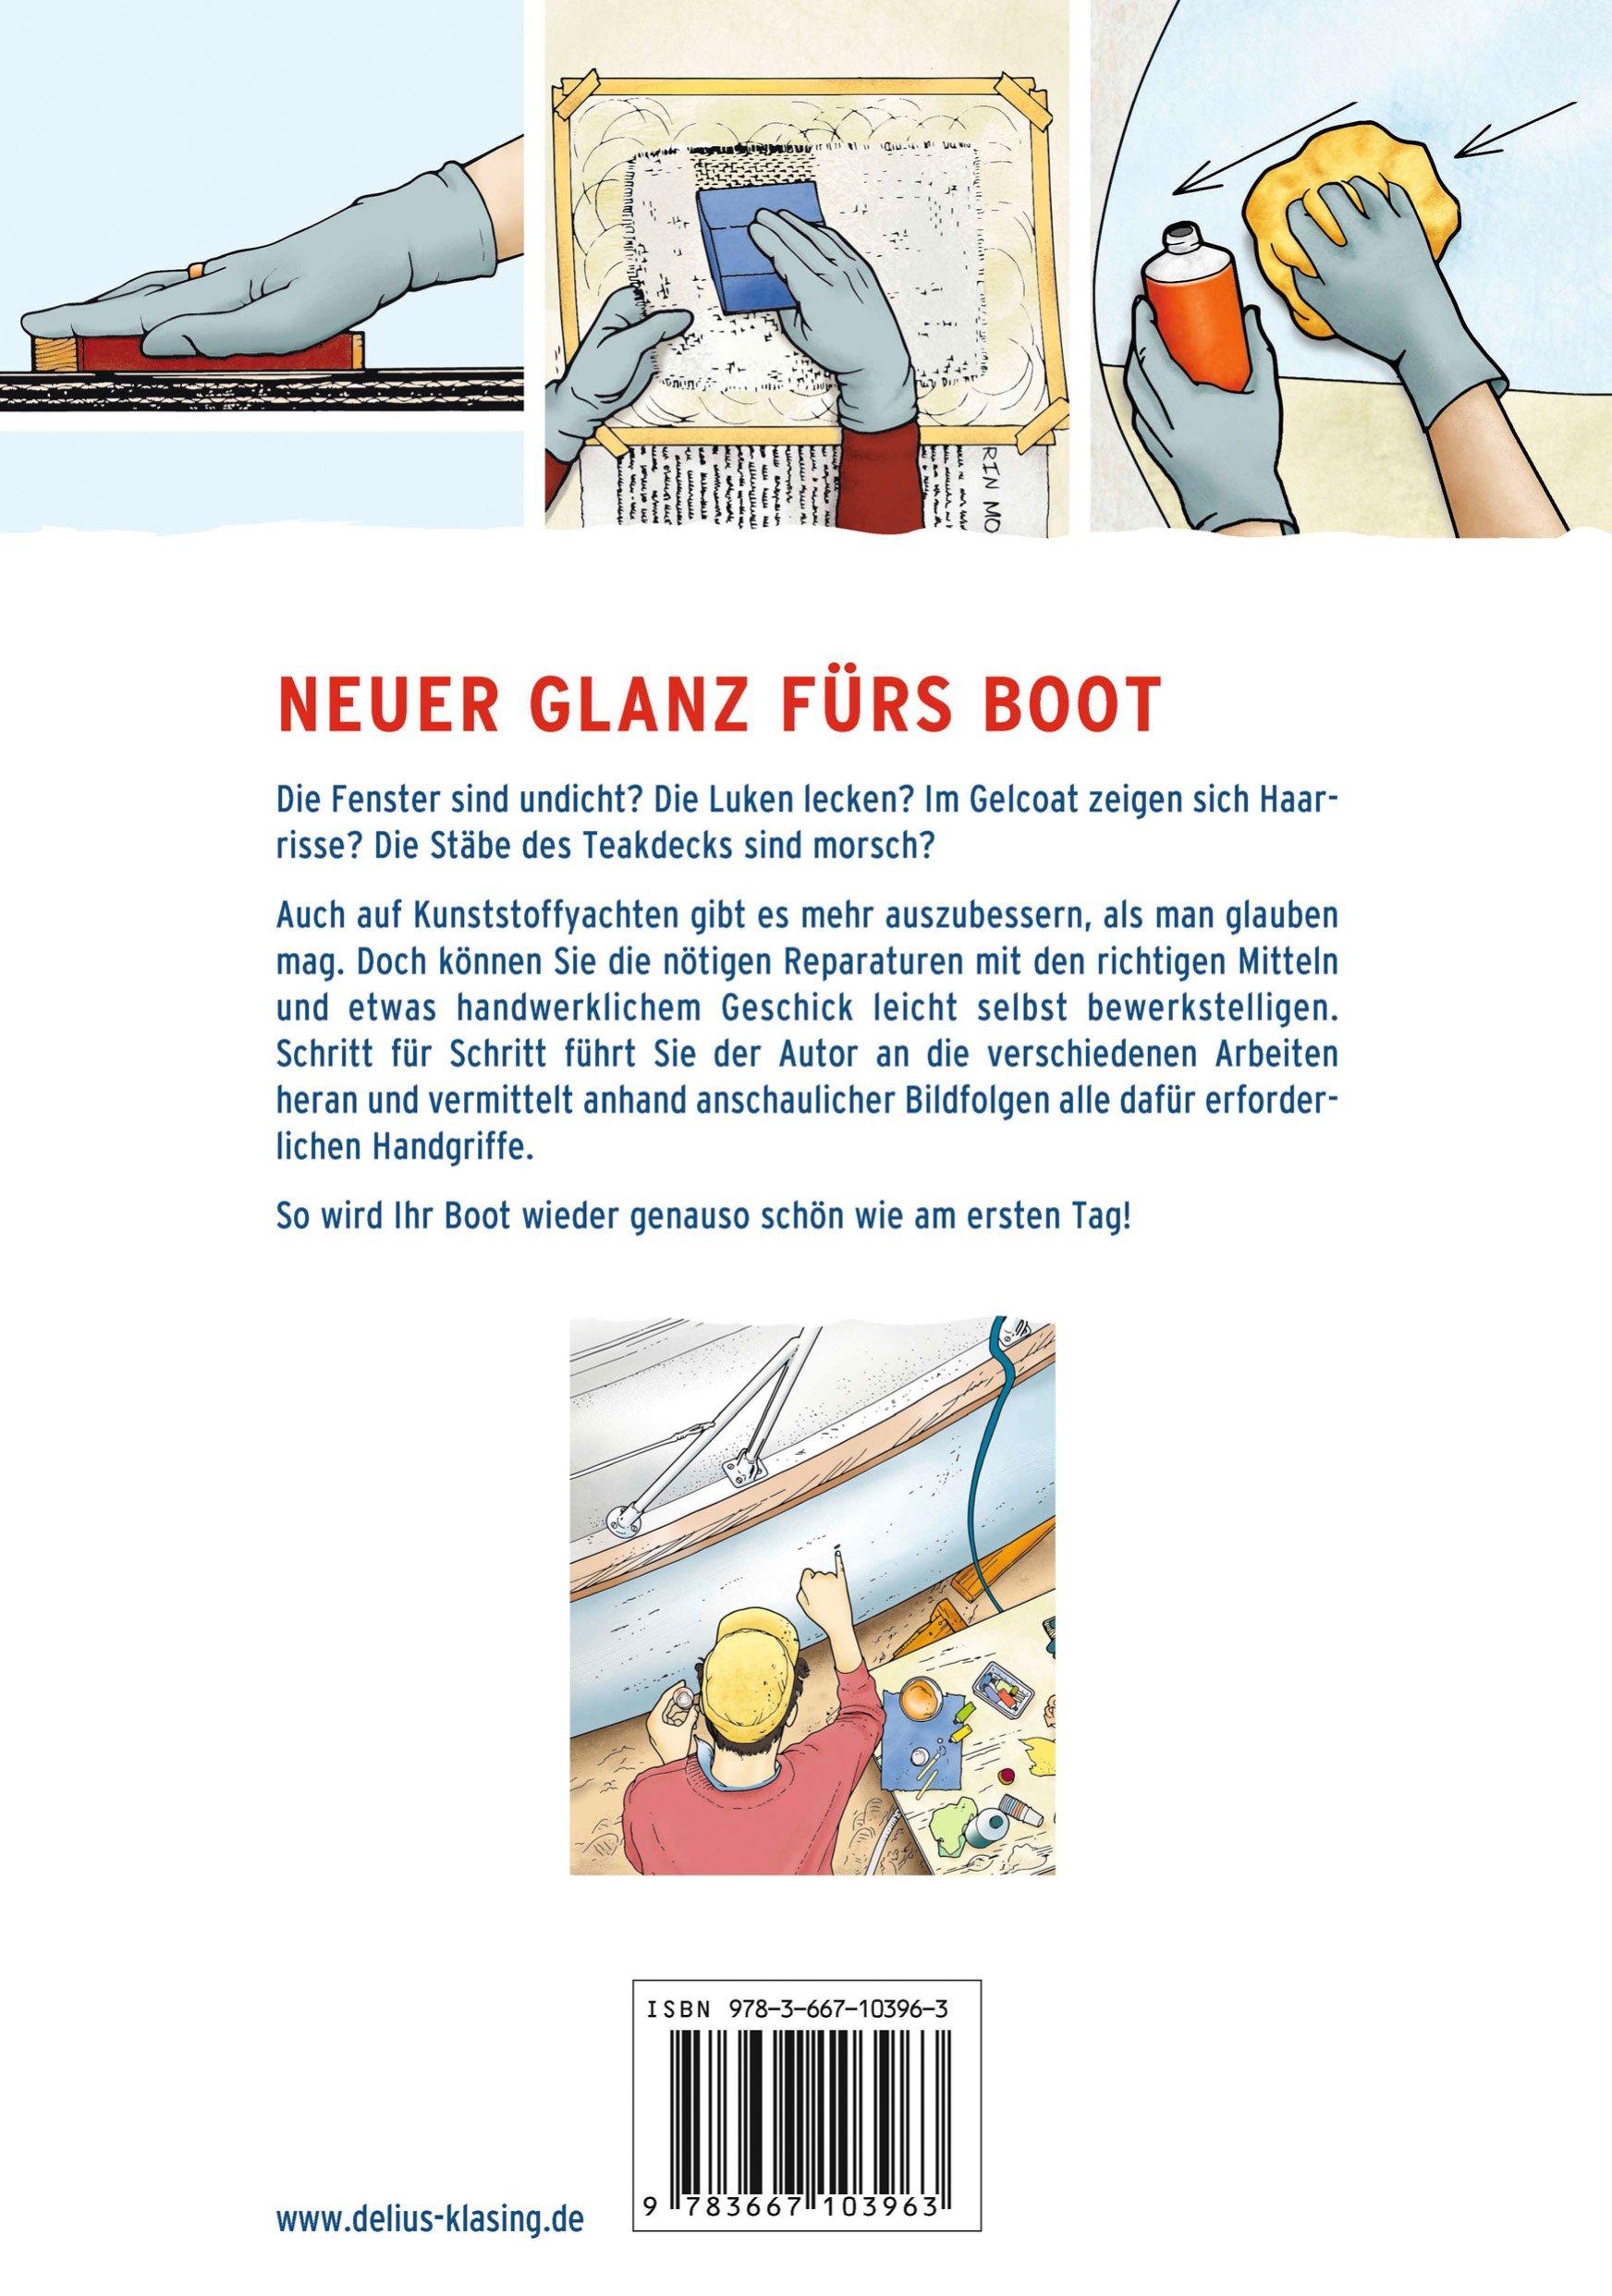 Sachbücher Bücher Schiff Boot Rumpf und Decksreparaturen Reparatur Deck Wartung Pflege Leck Buch